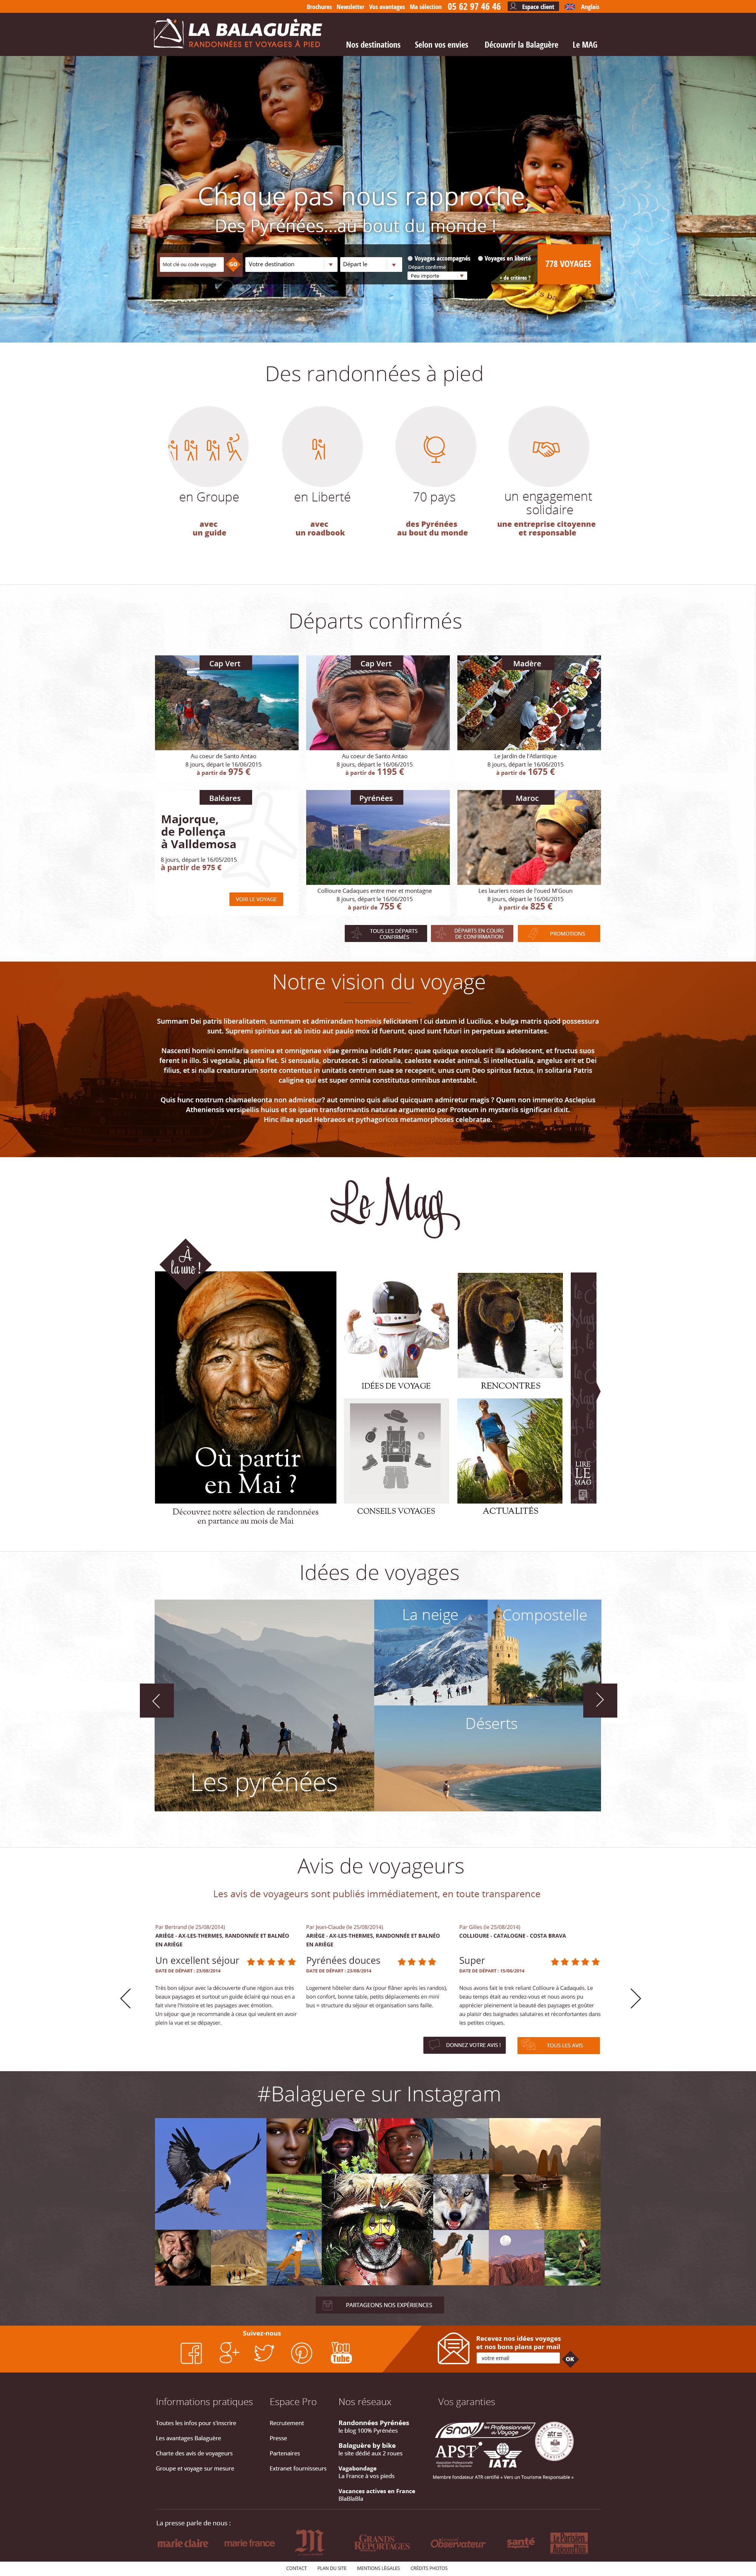 La Balaguère : nouveau site pour le spécialistes du voyage aventure et du voyage à pied.